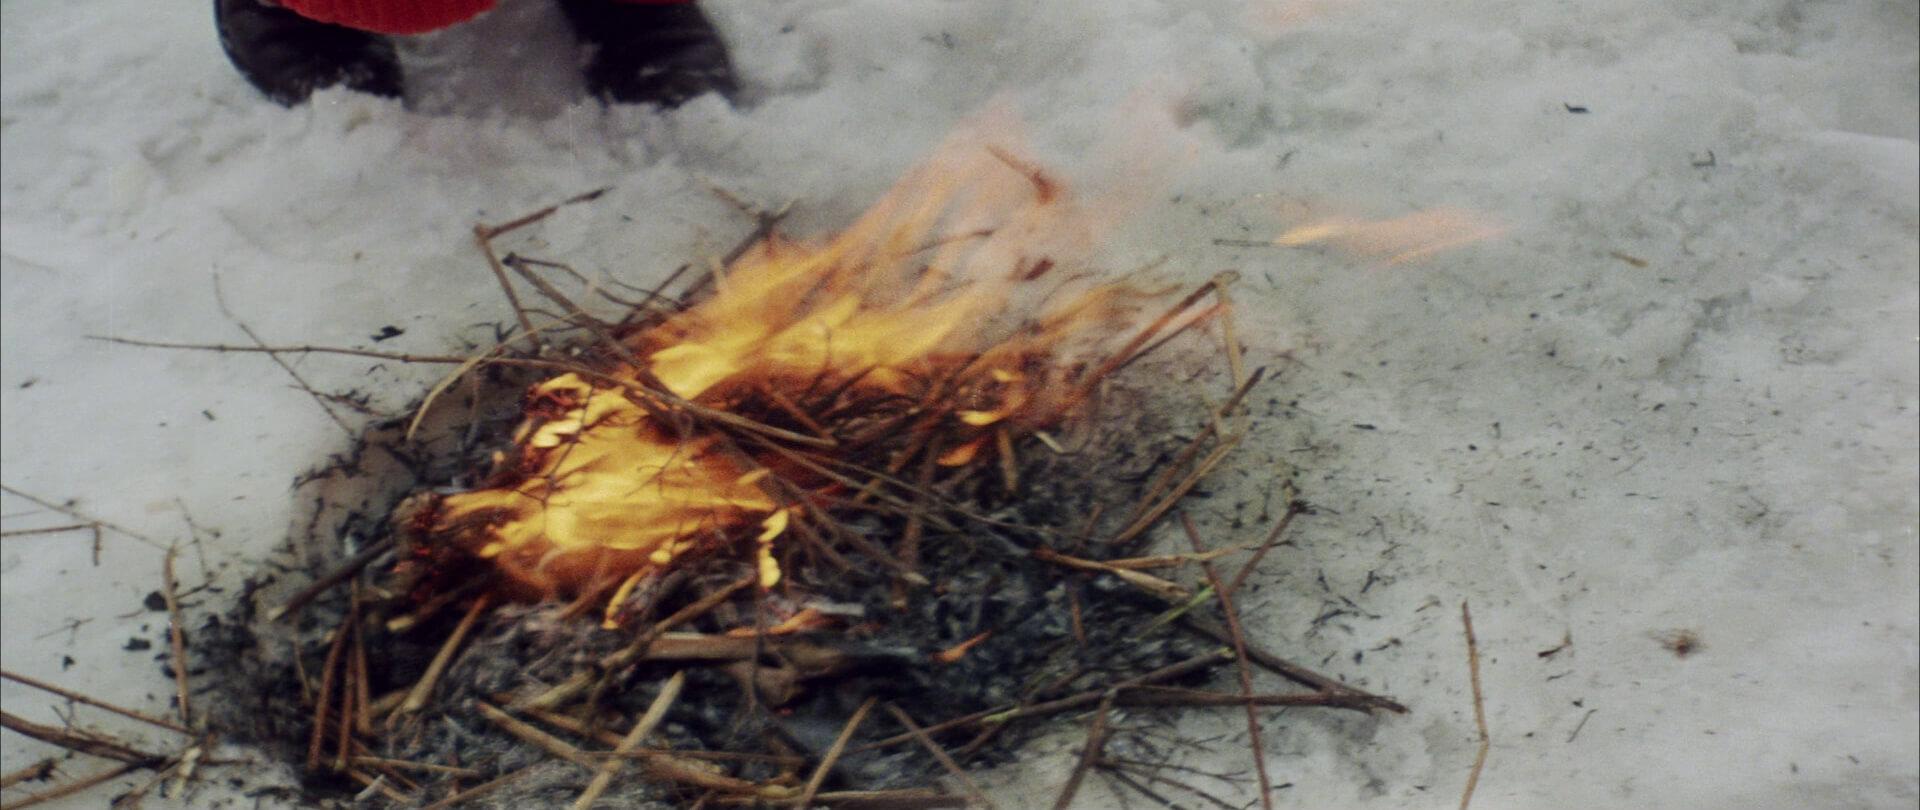 Огонь в фильме «Солярис»